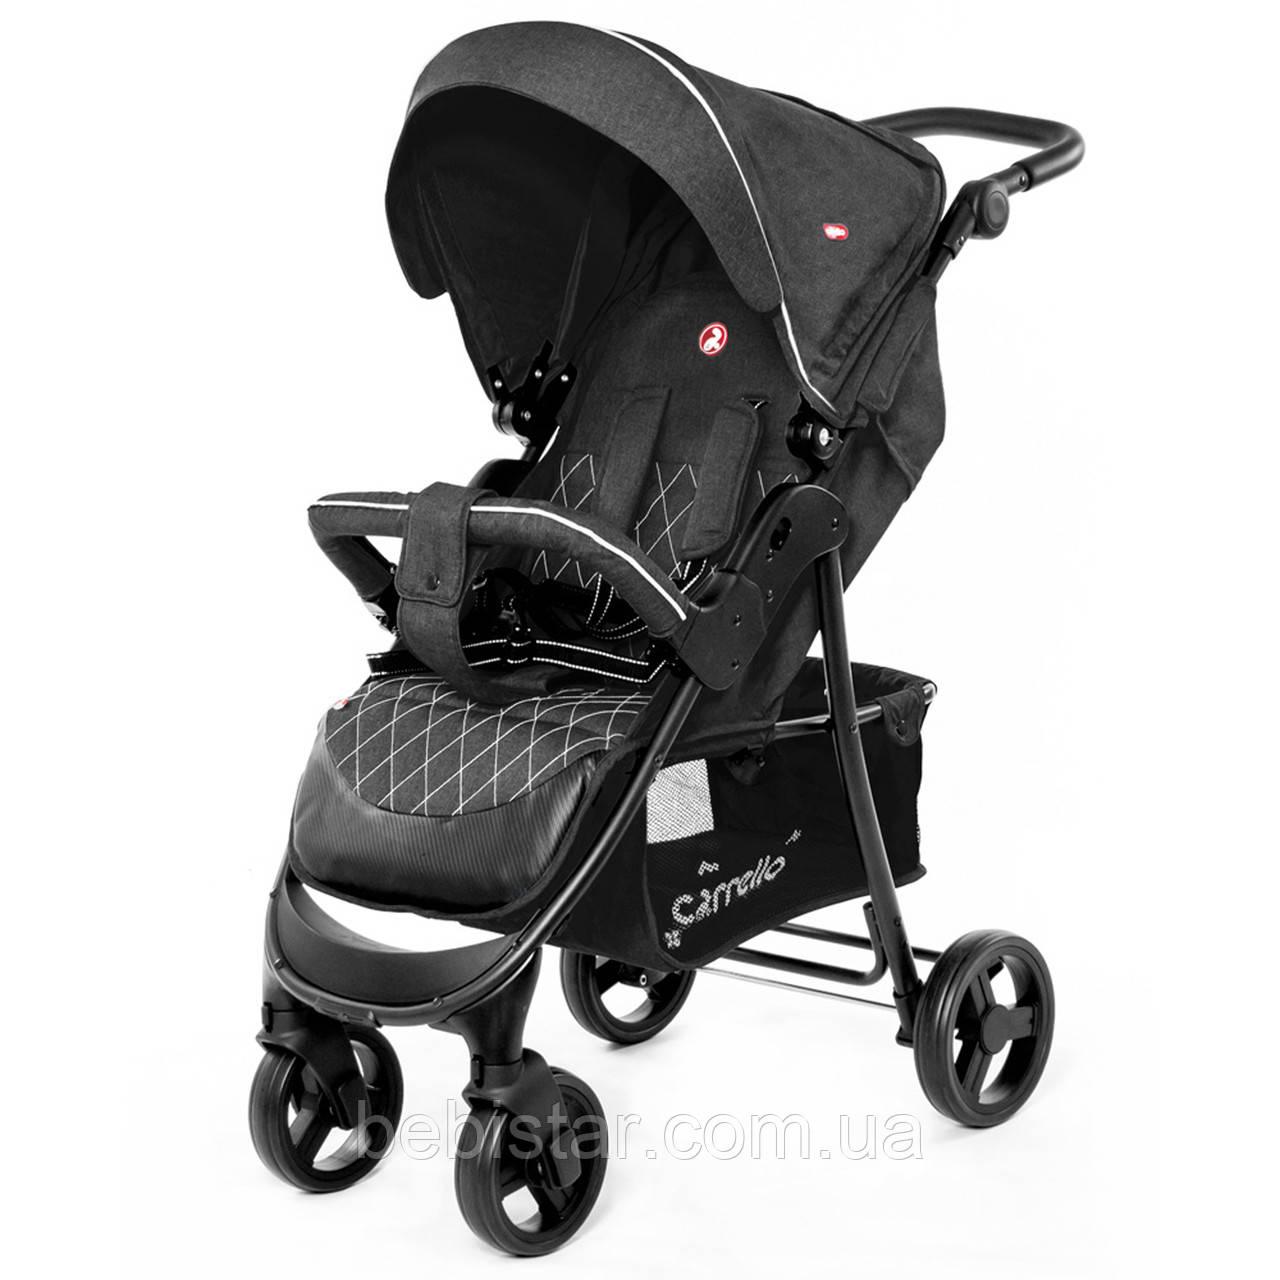 Детская прогулочная коляска дождевик темно-серая, черная рама CARRELLO Quattro Len CRL-8502 Shadow Grey в льне